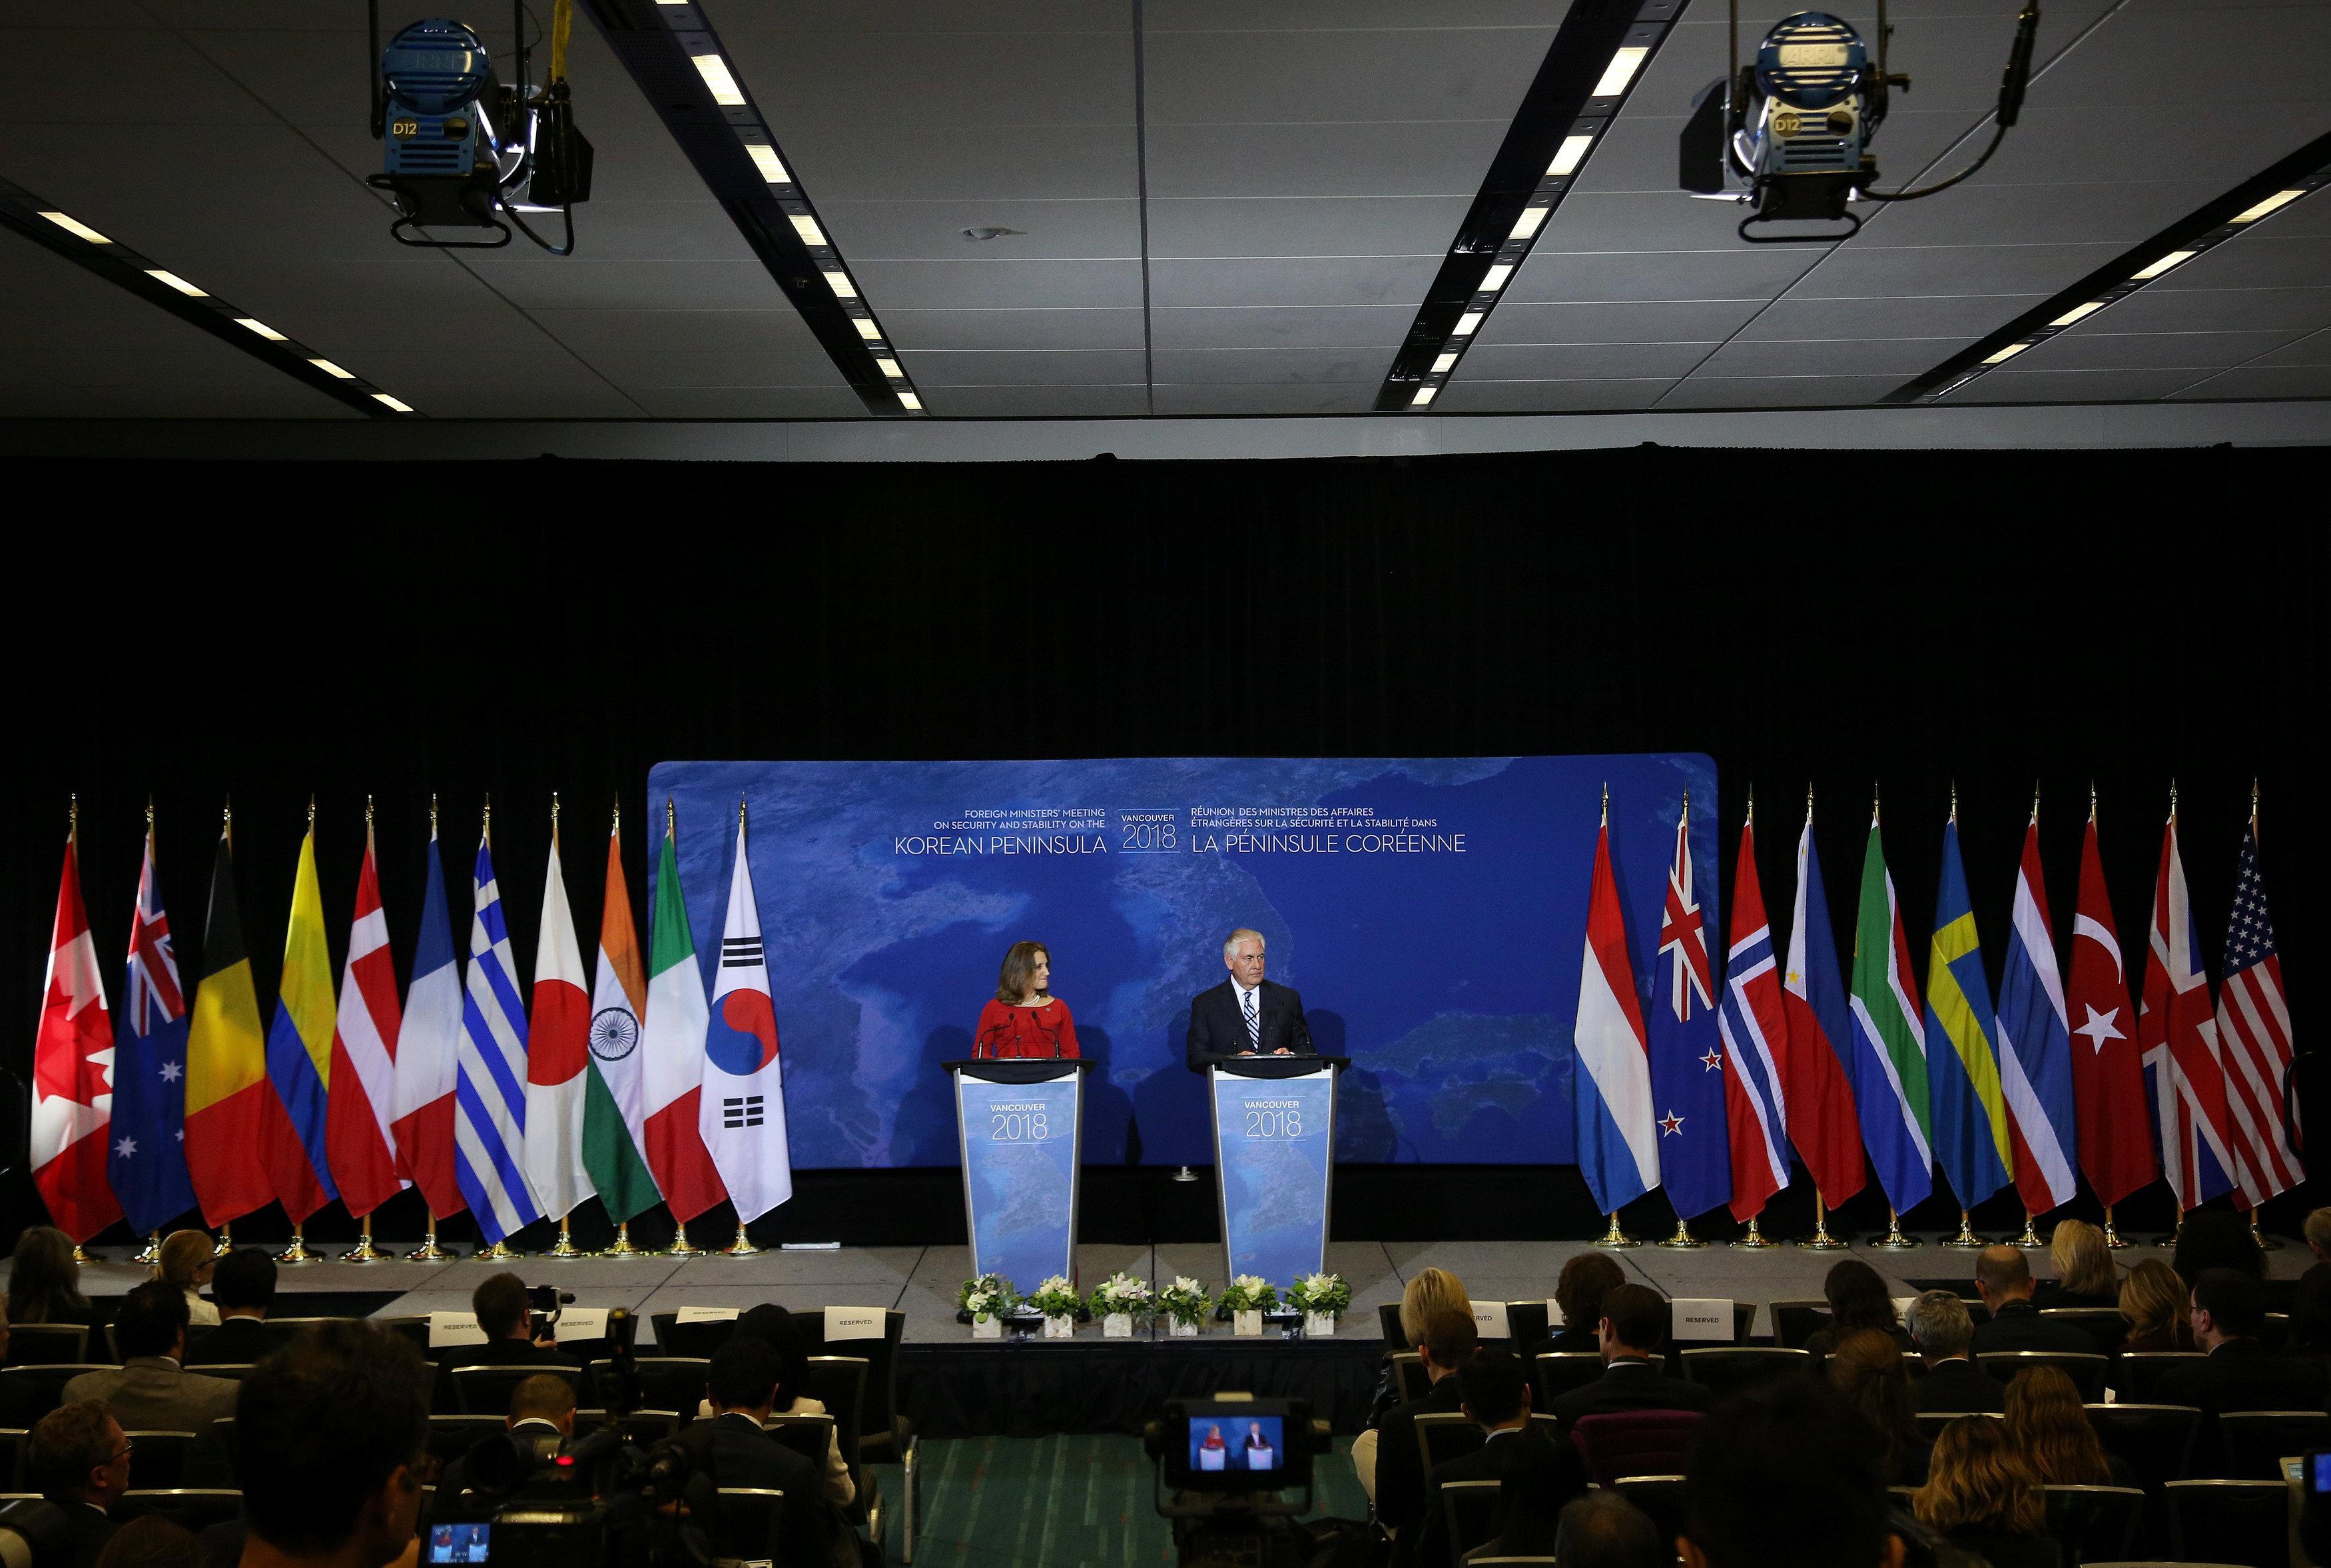 Russia says North Korea summit undermines U.N., aggravates situation